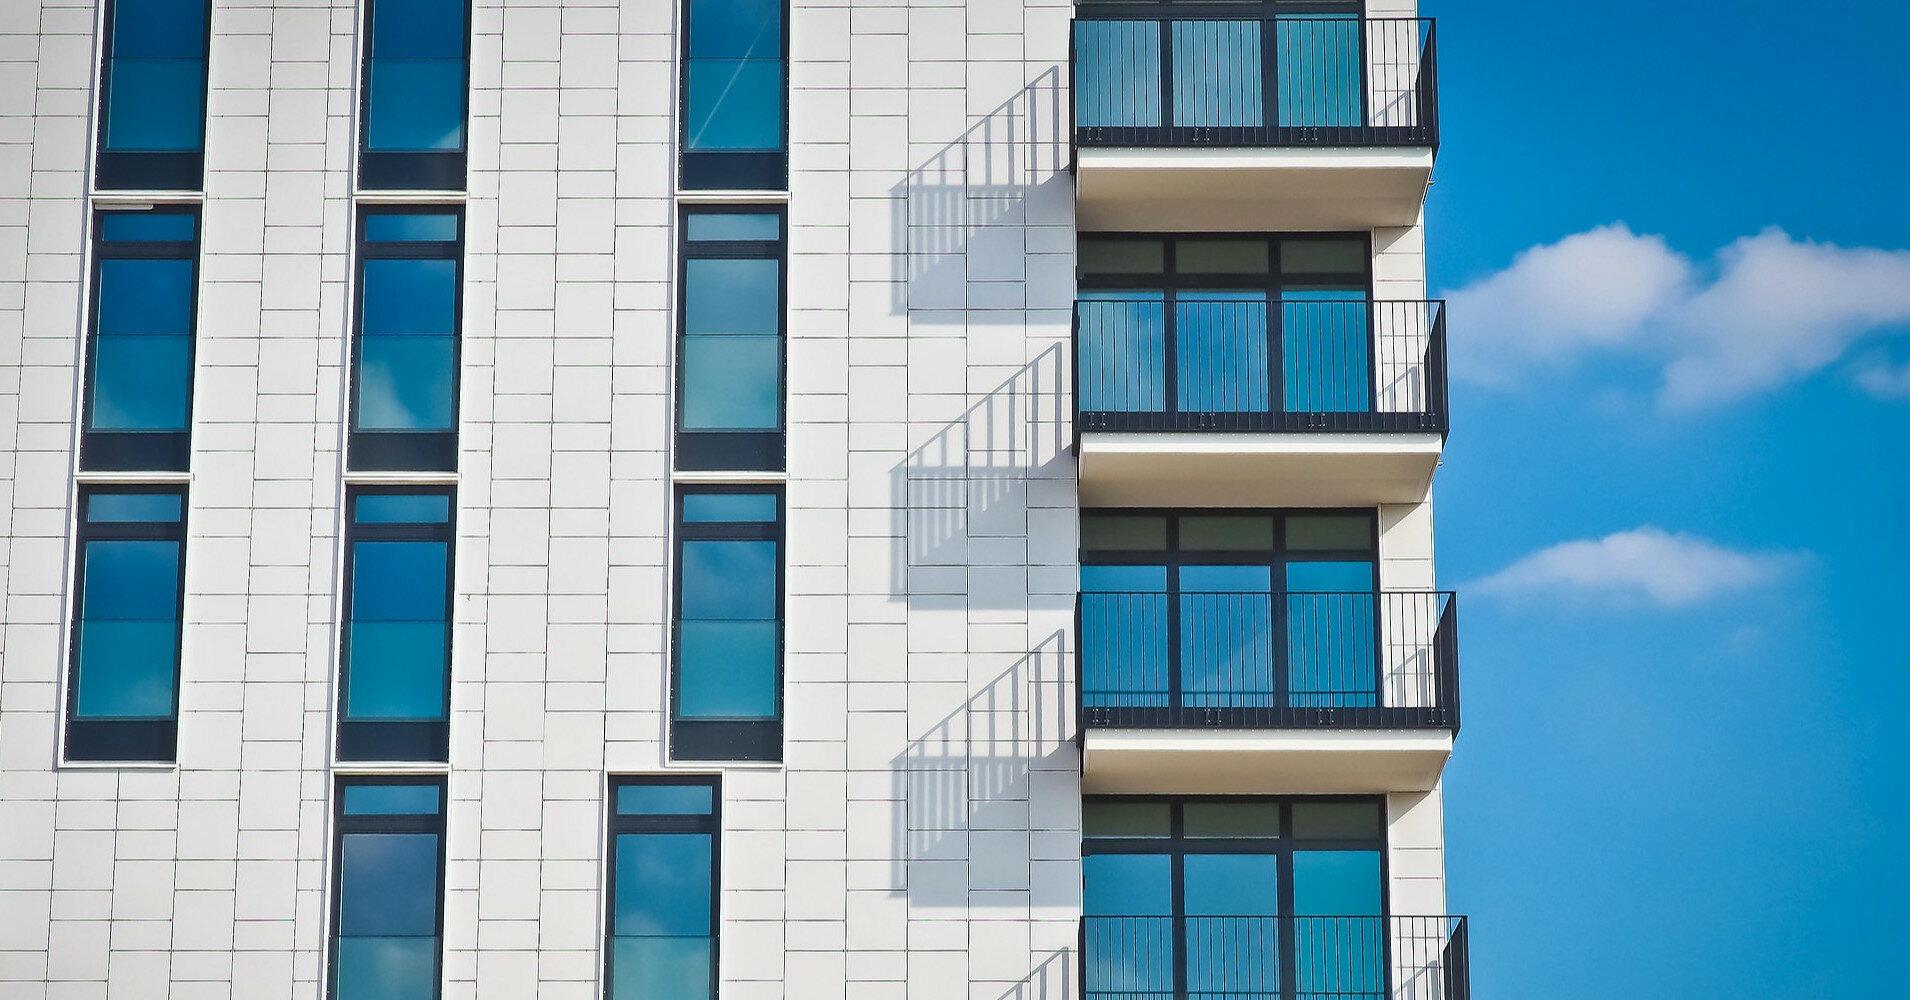 Квартиры в новостройках подорожали: цены в городах